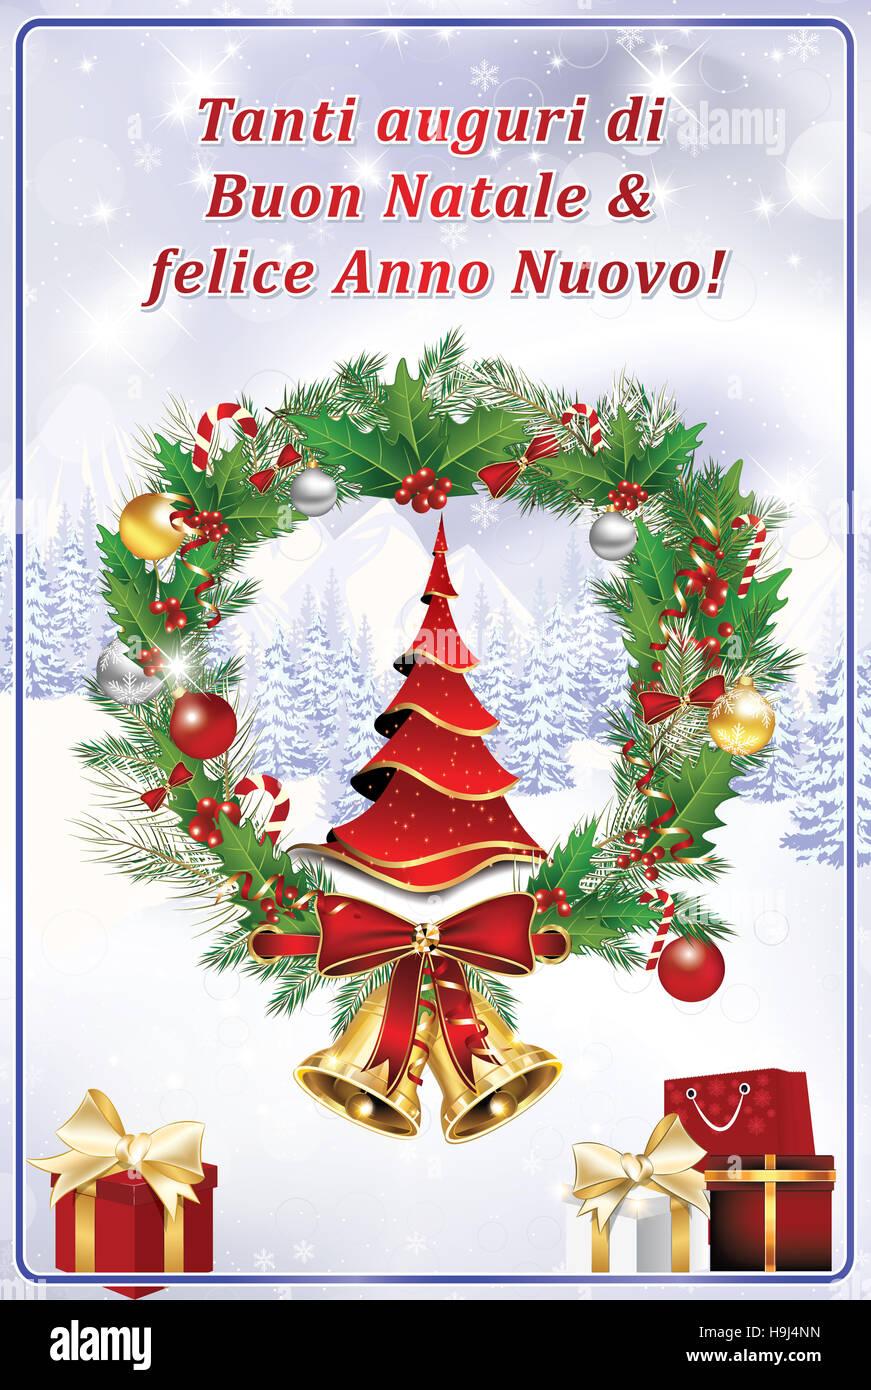 Auguri Di Buon Natale E Buon Anno.Tanti Auguri Di Buon Natale E Felice Anno Nuovo Biglietto D Auguri Colori Di Stampa Fotografia De Stock Alamy